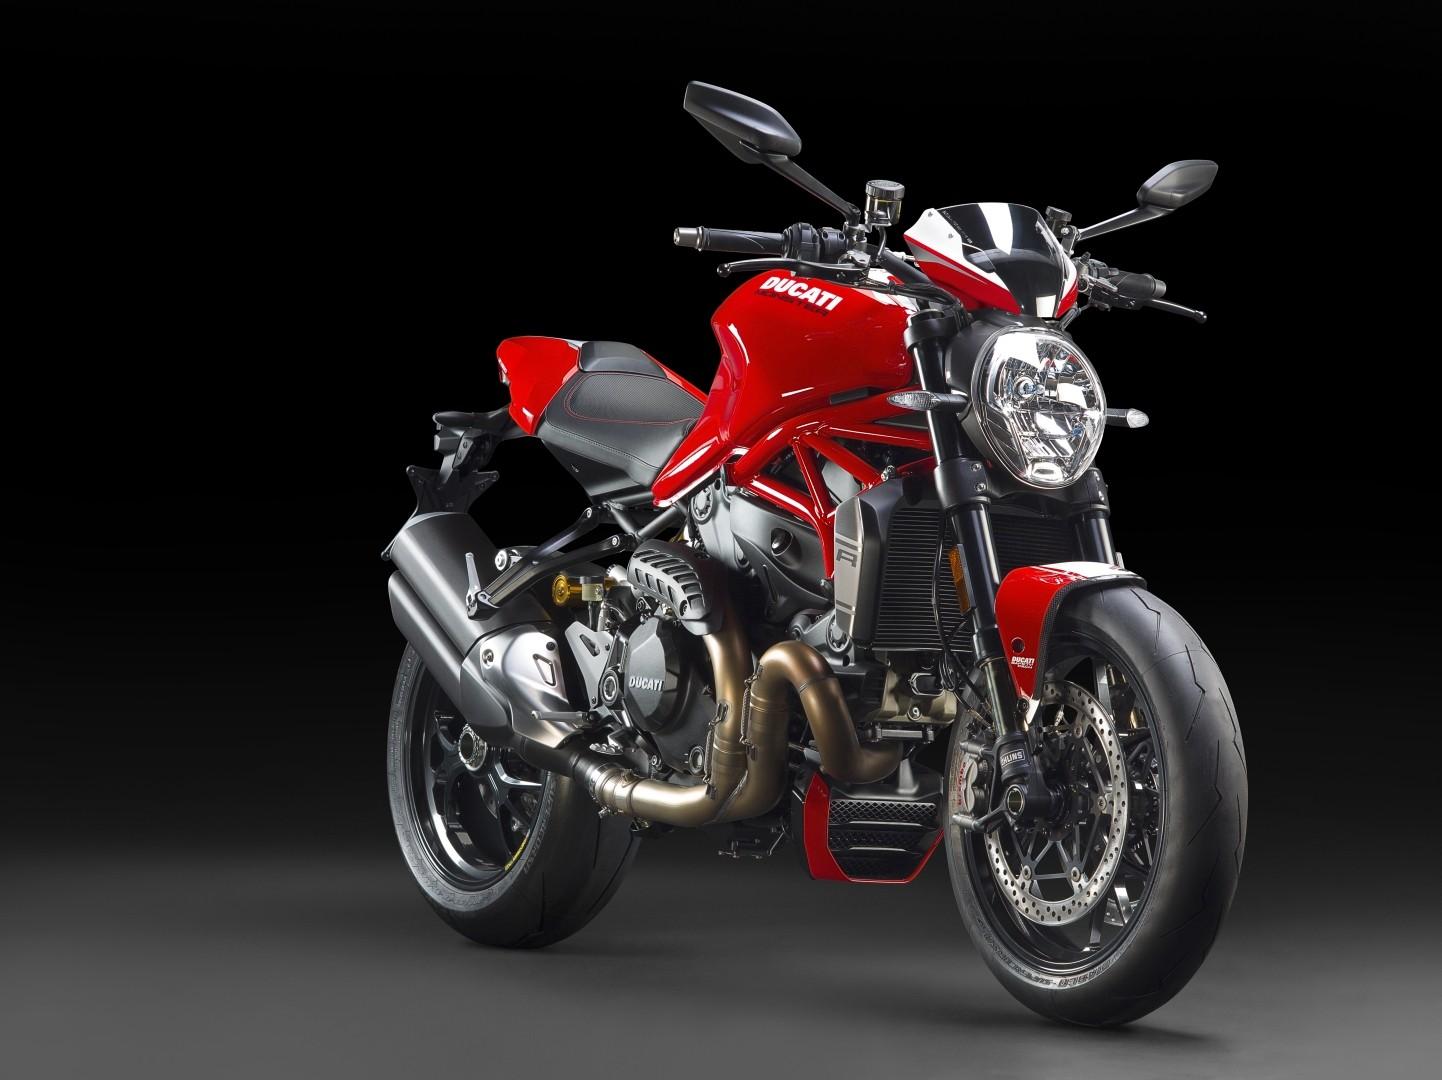 Ducati Monster Top Speed Specs